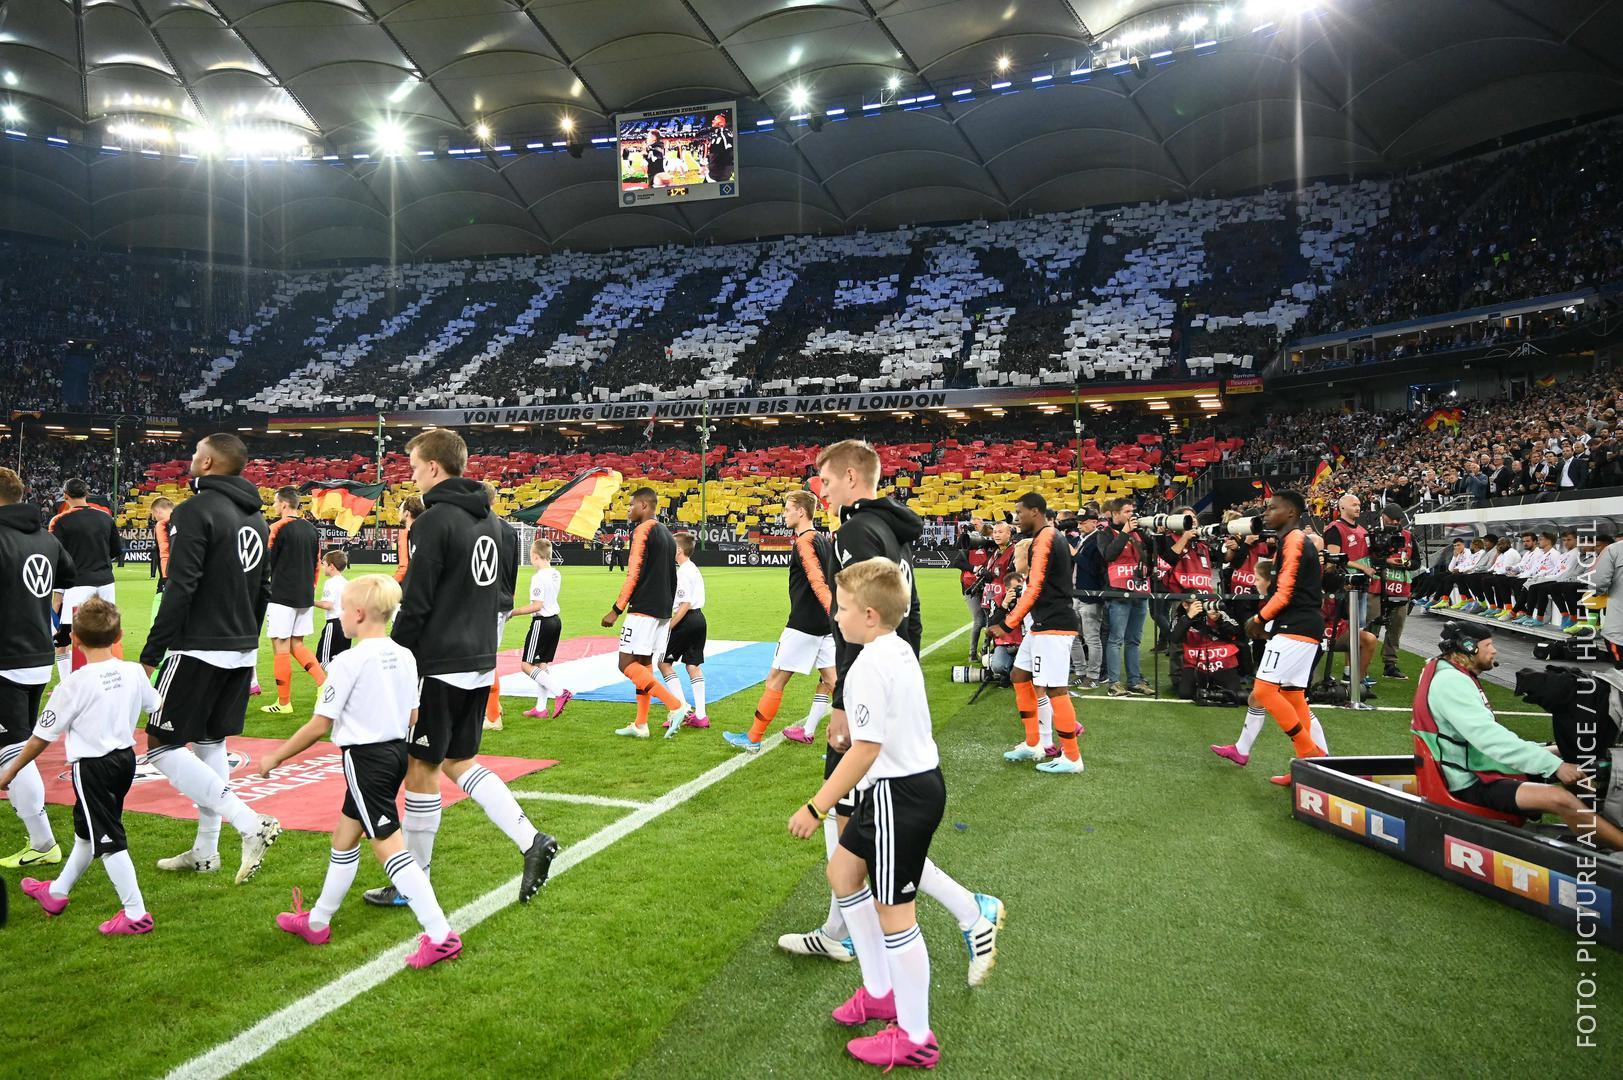 Deutsche Nationalmannschaft läuft ins Stadion ein und man sieht eine Fan-Choreo